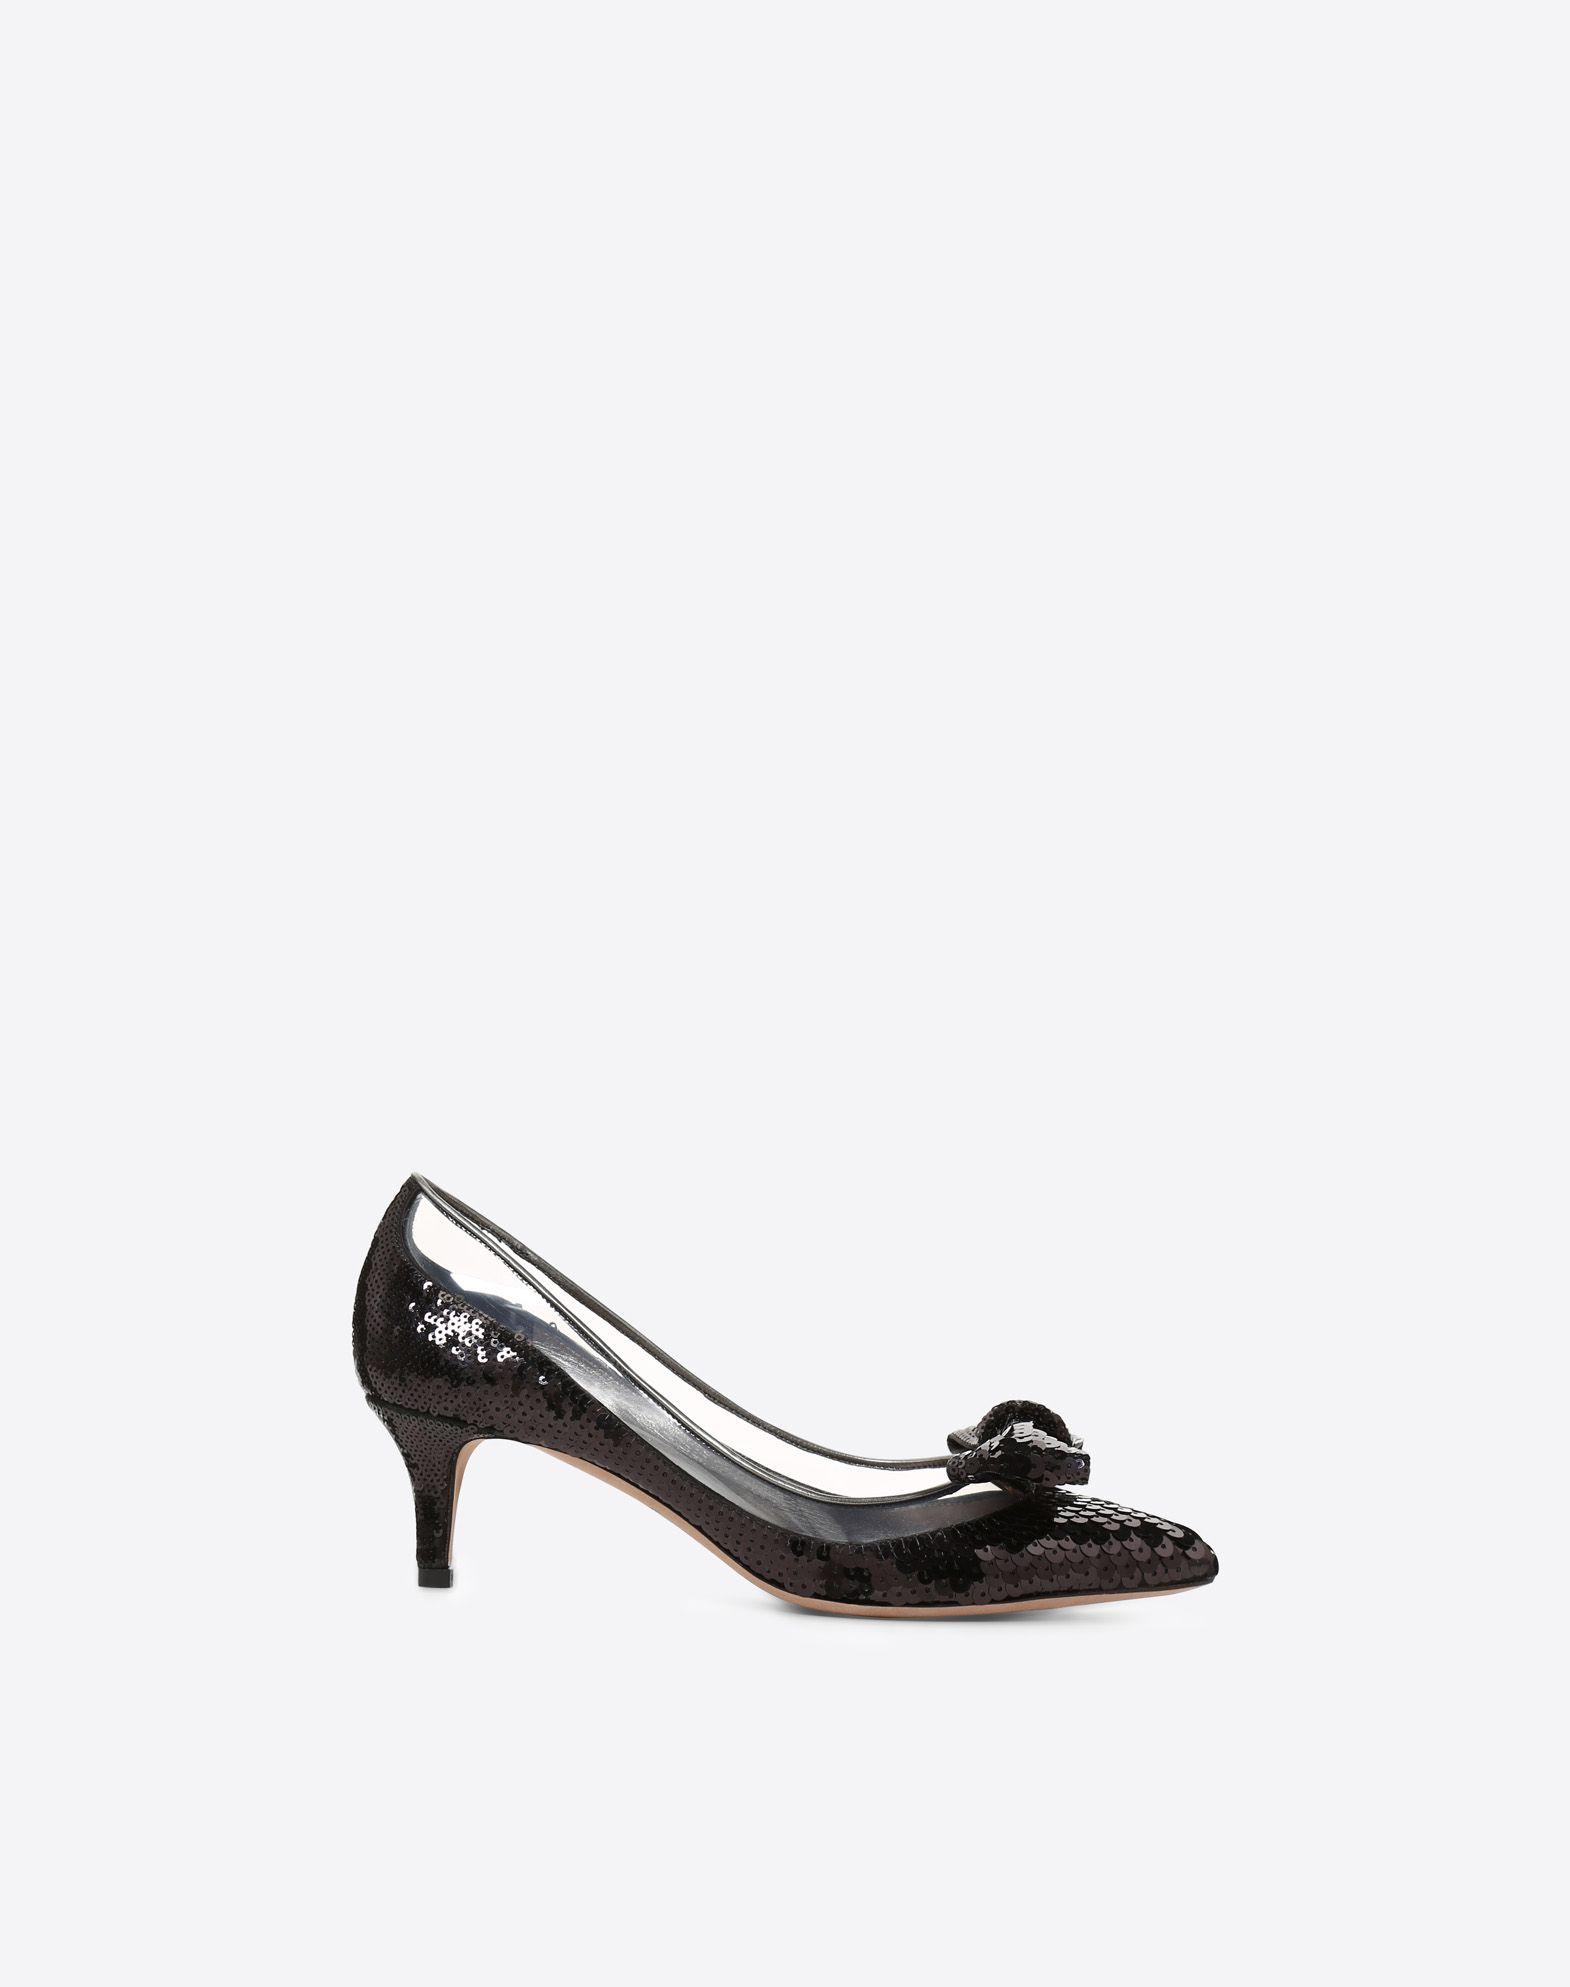 VALENTINO GARAVANI Zapatos de salón Dollybow MEDIUM HEEL PUMPS D f